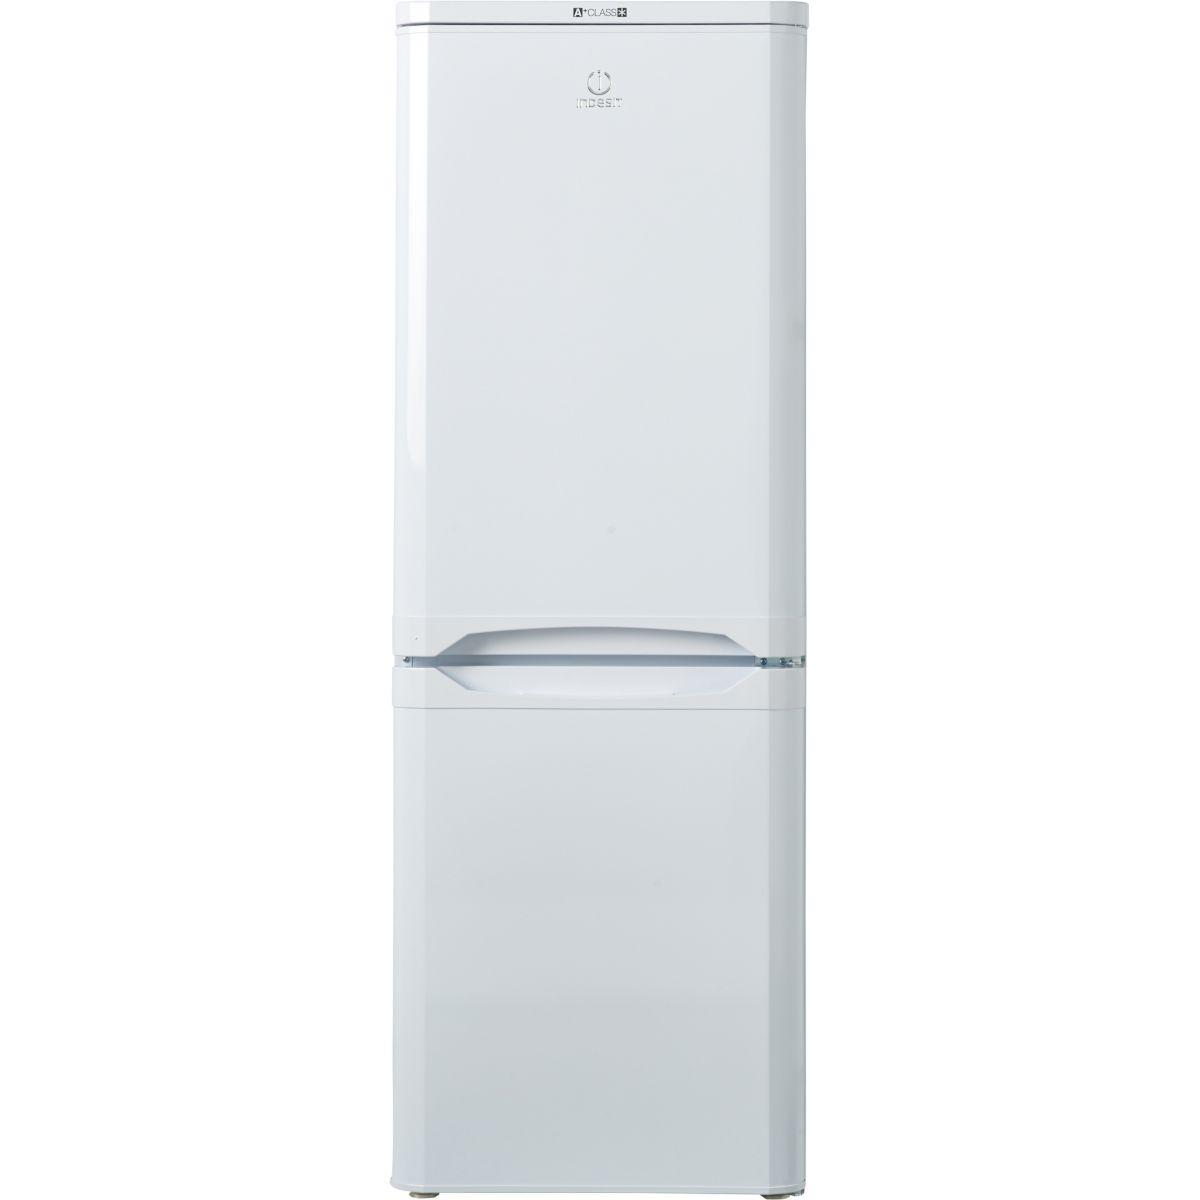 Réfrigérateur congélateur en bas INDESIT NCAA 55